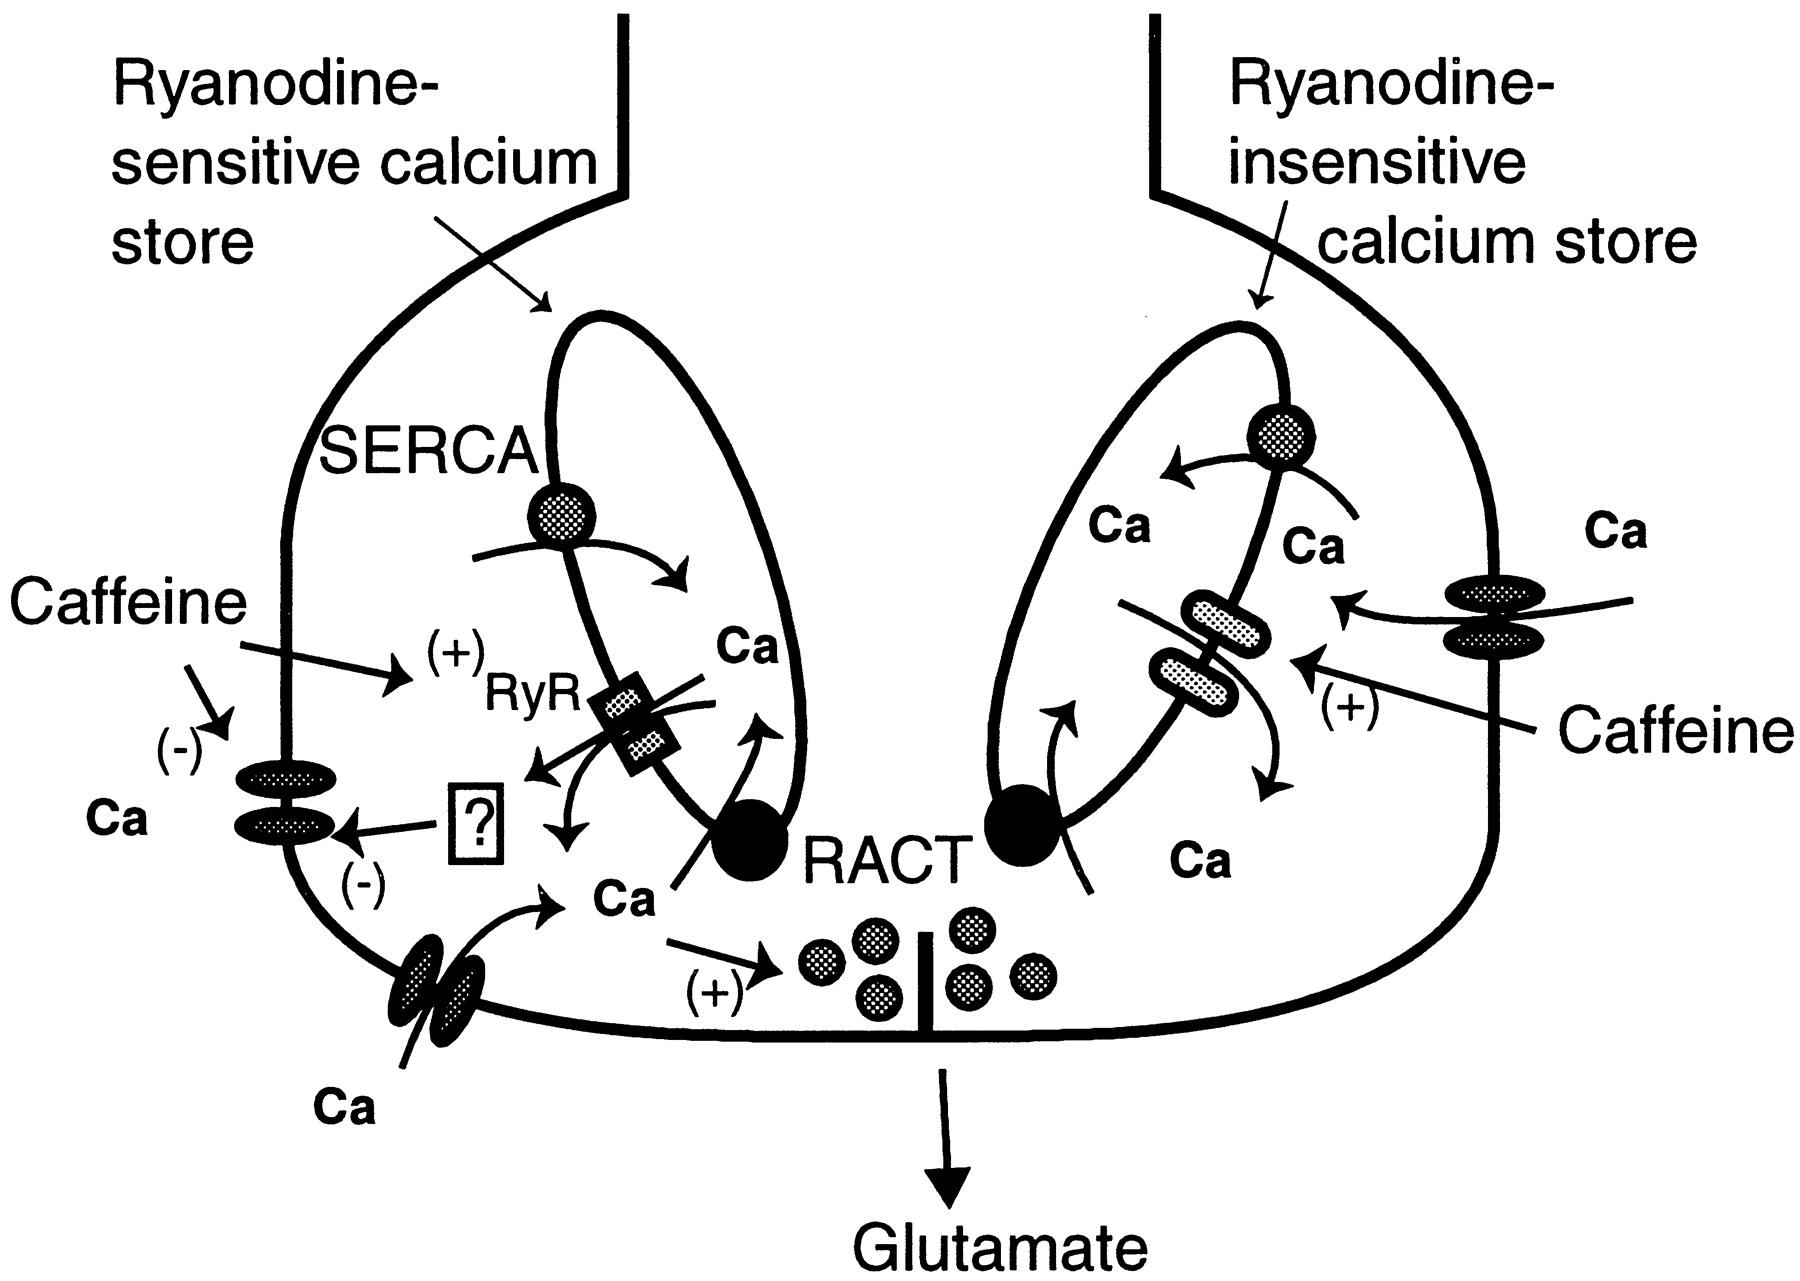 Caffeine Sensitive Calcium Stores Regulate Synaptic